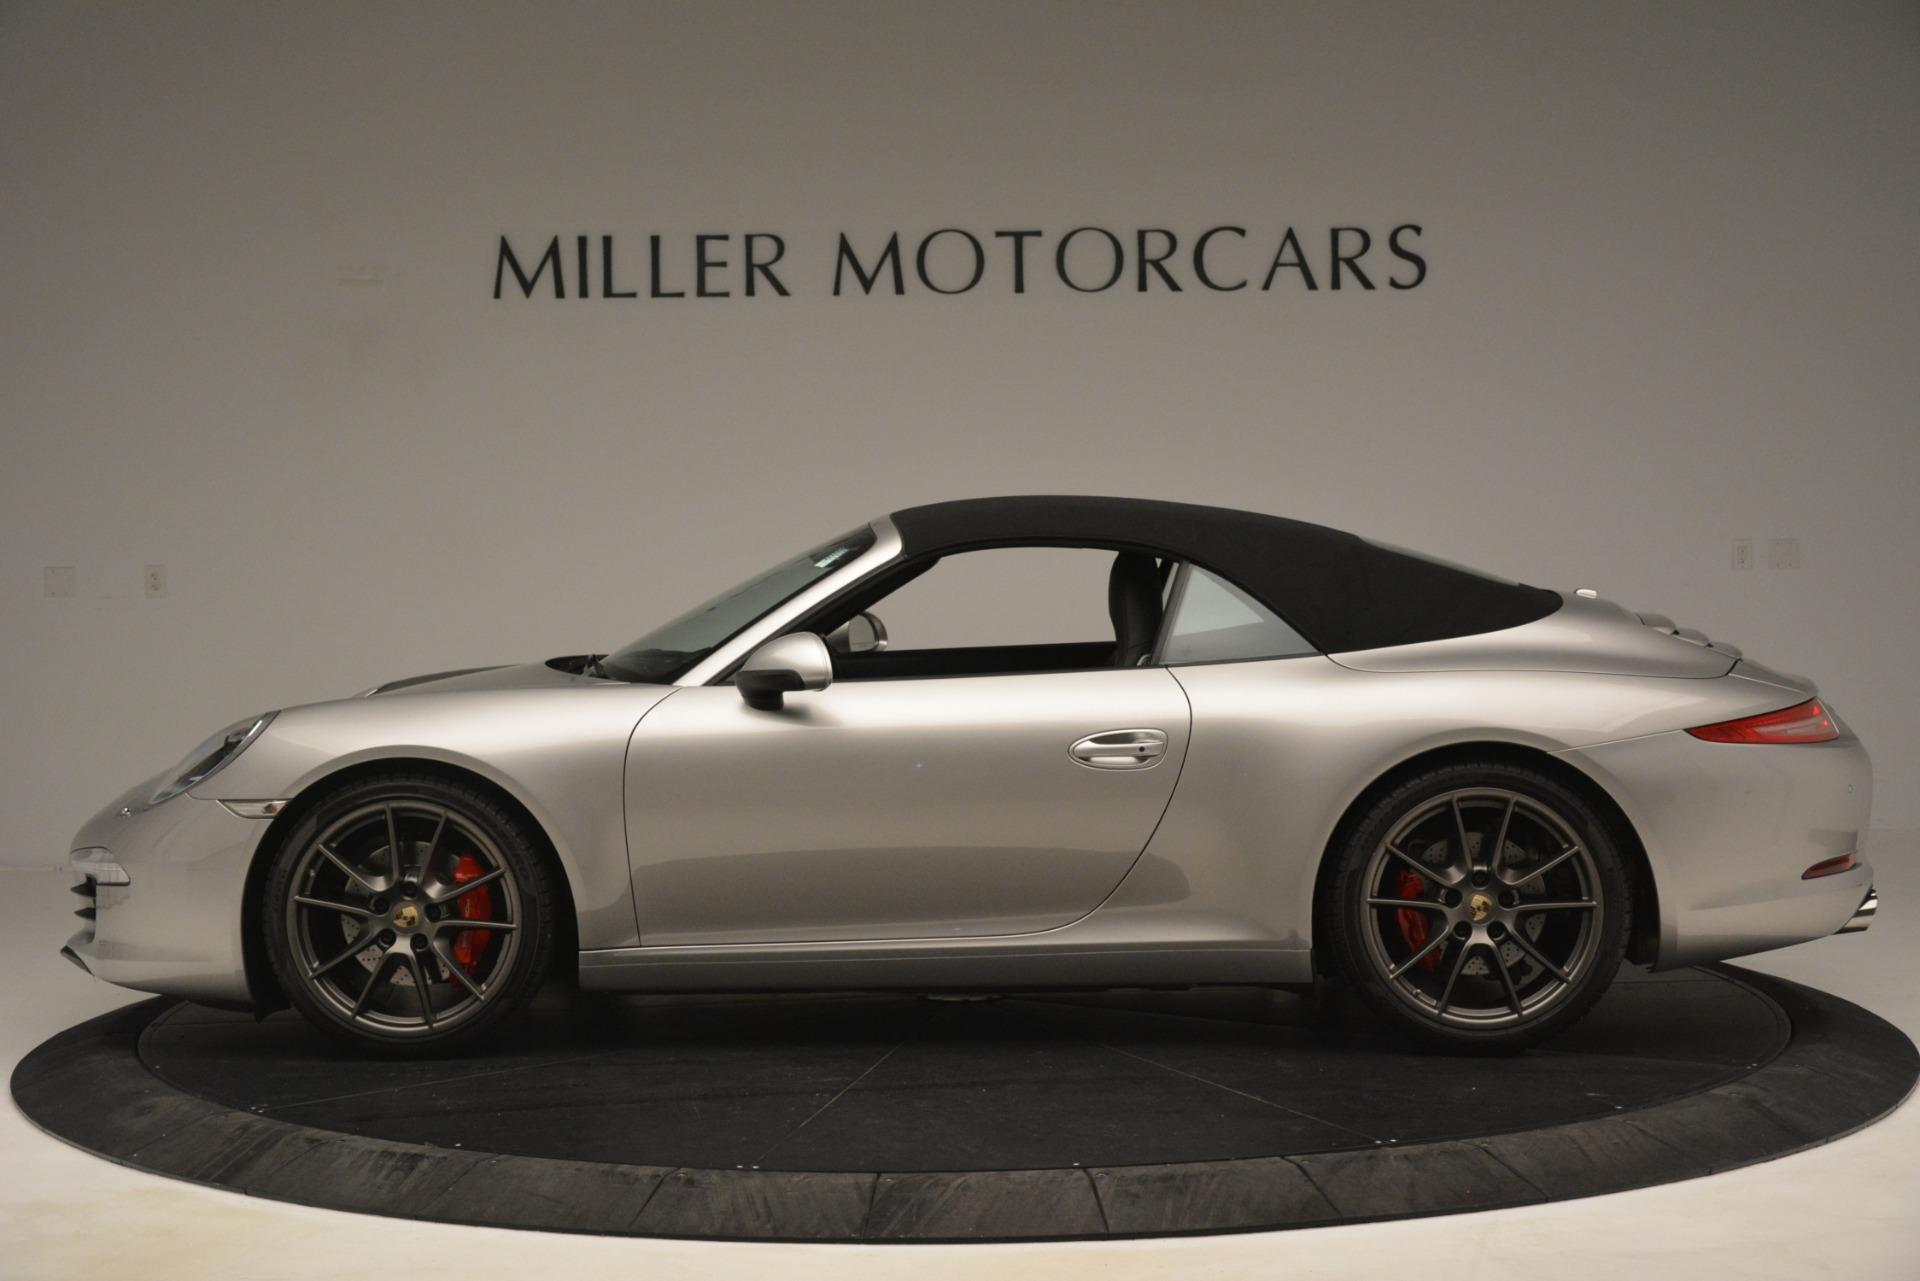 Used 2013 Porsche 911 Carrera S For Sale In Greenwich, CT 3107_p15